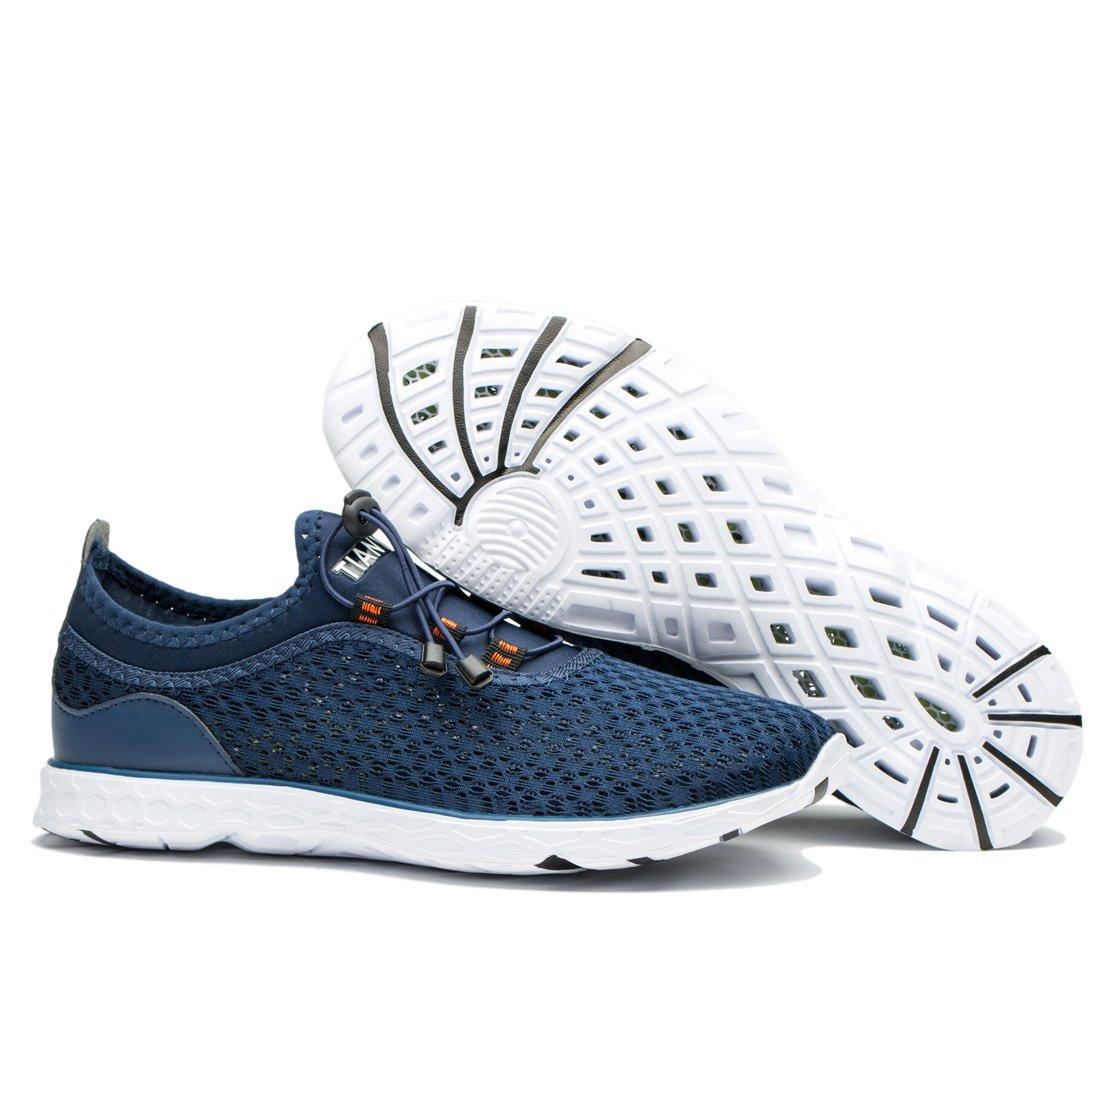 TIANYUQI Men's Mesh Slip On Water Shoes by TIANYUQI (Image #6)